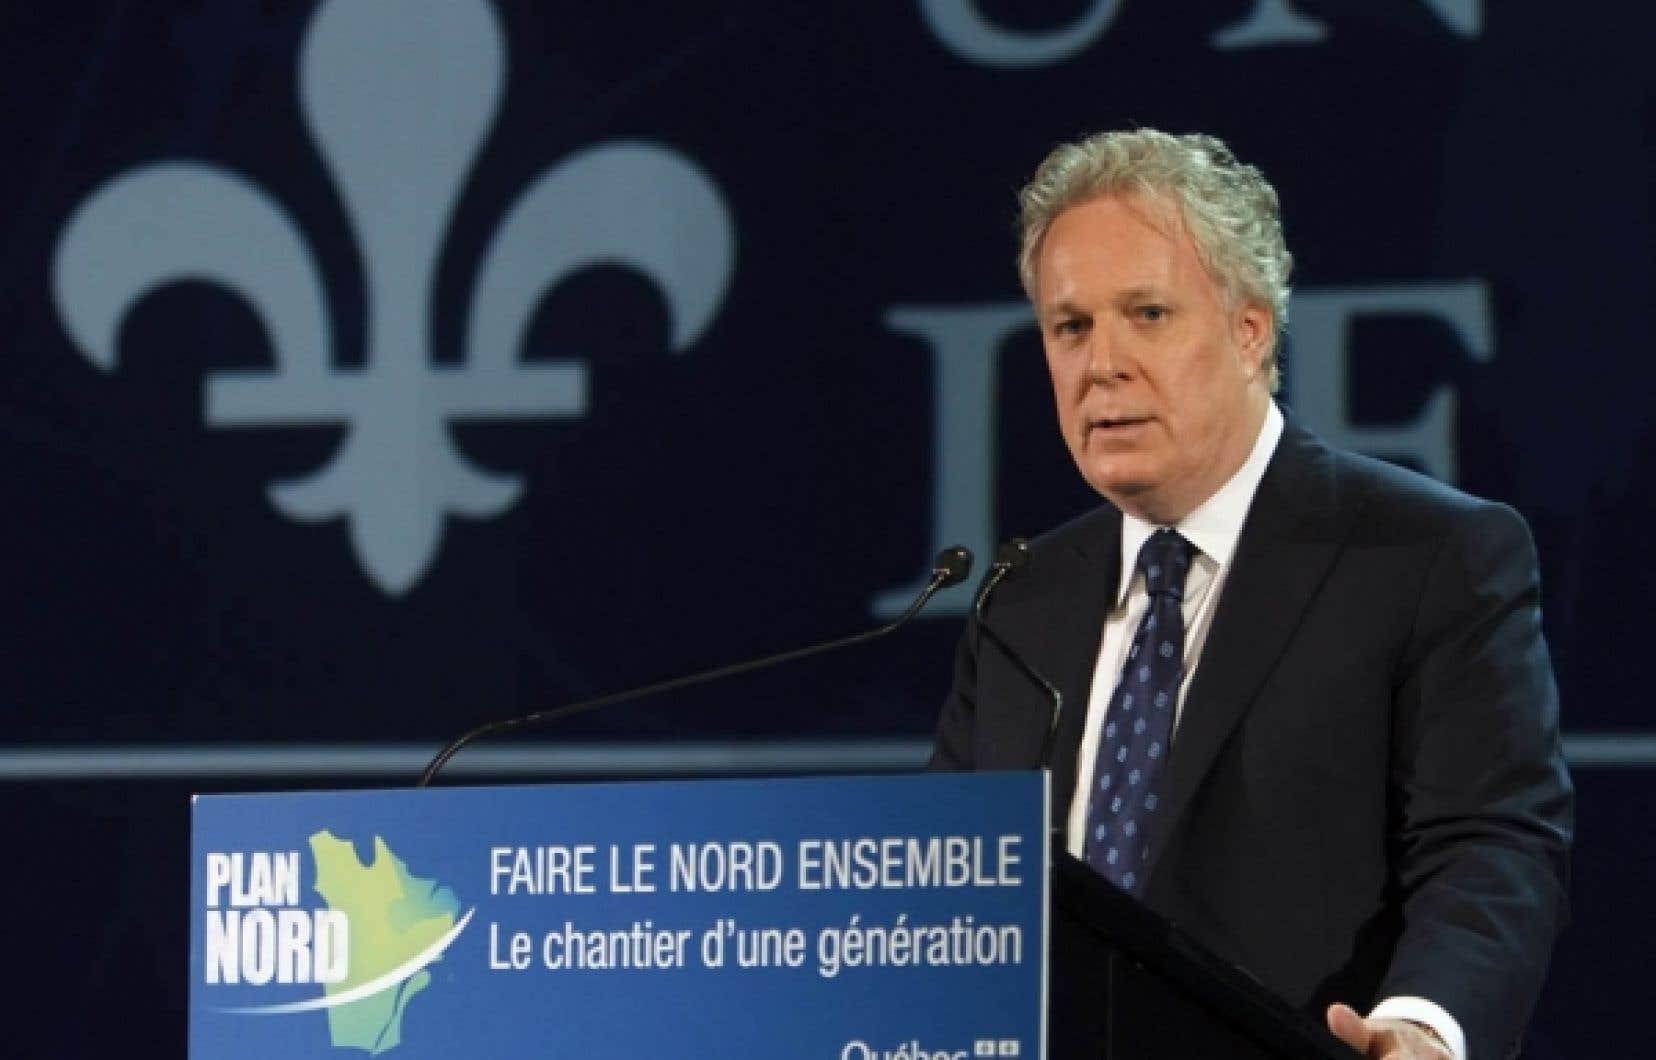 En dévoilant le Plan Nord, le lundi 9 mai, le premier ministre Jean Charest faisait notamment miroiter des investissements de 80 milliards de dollars sur 25 ans.<br />